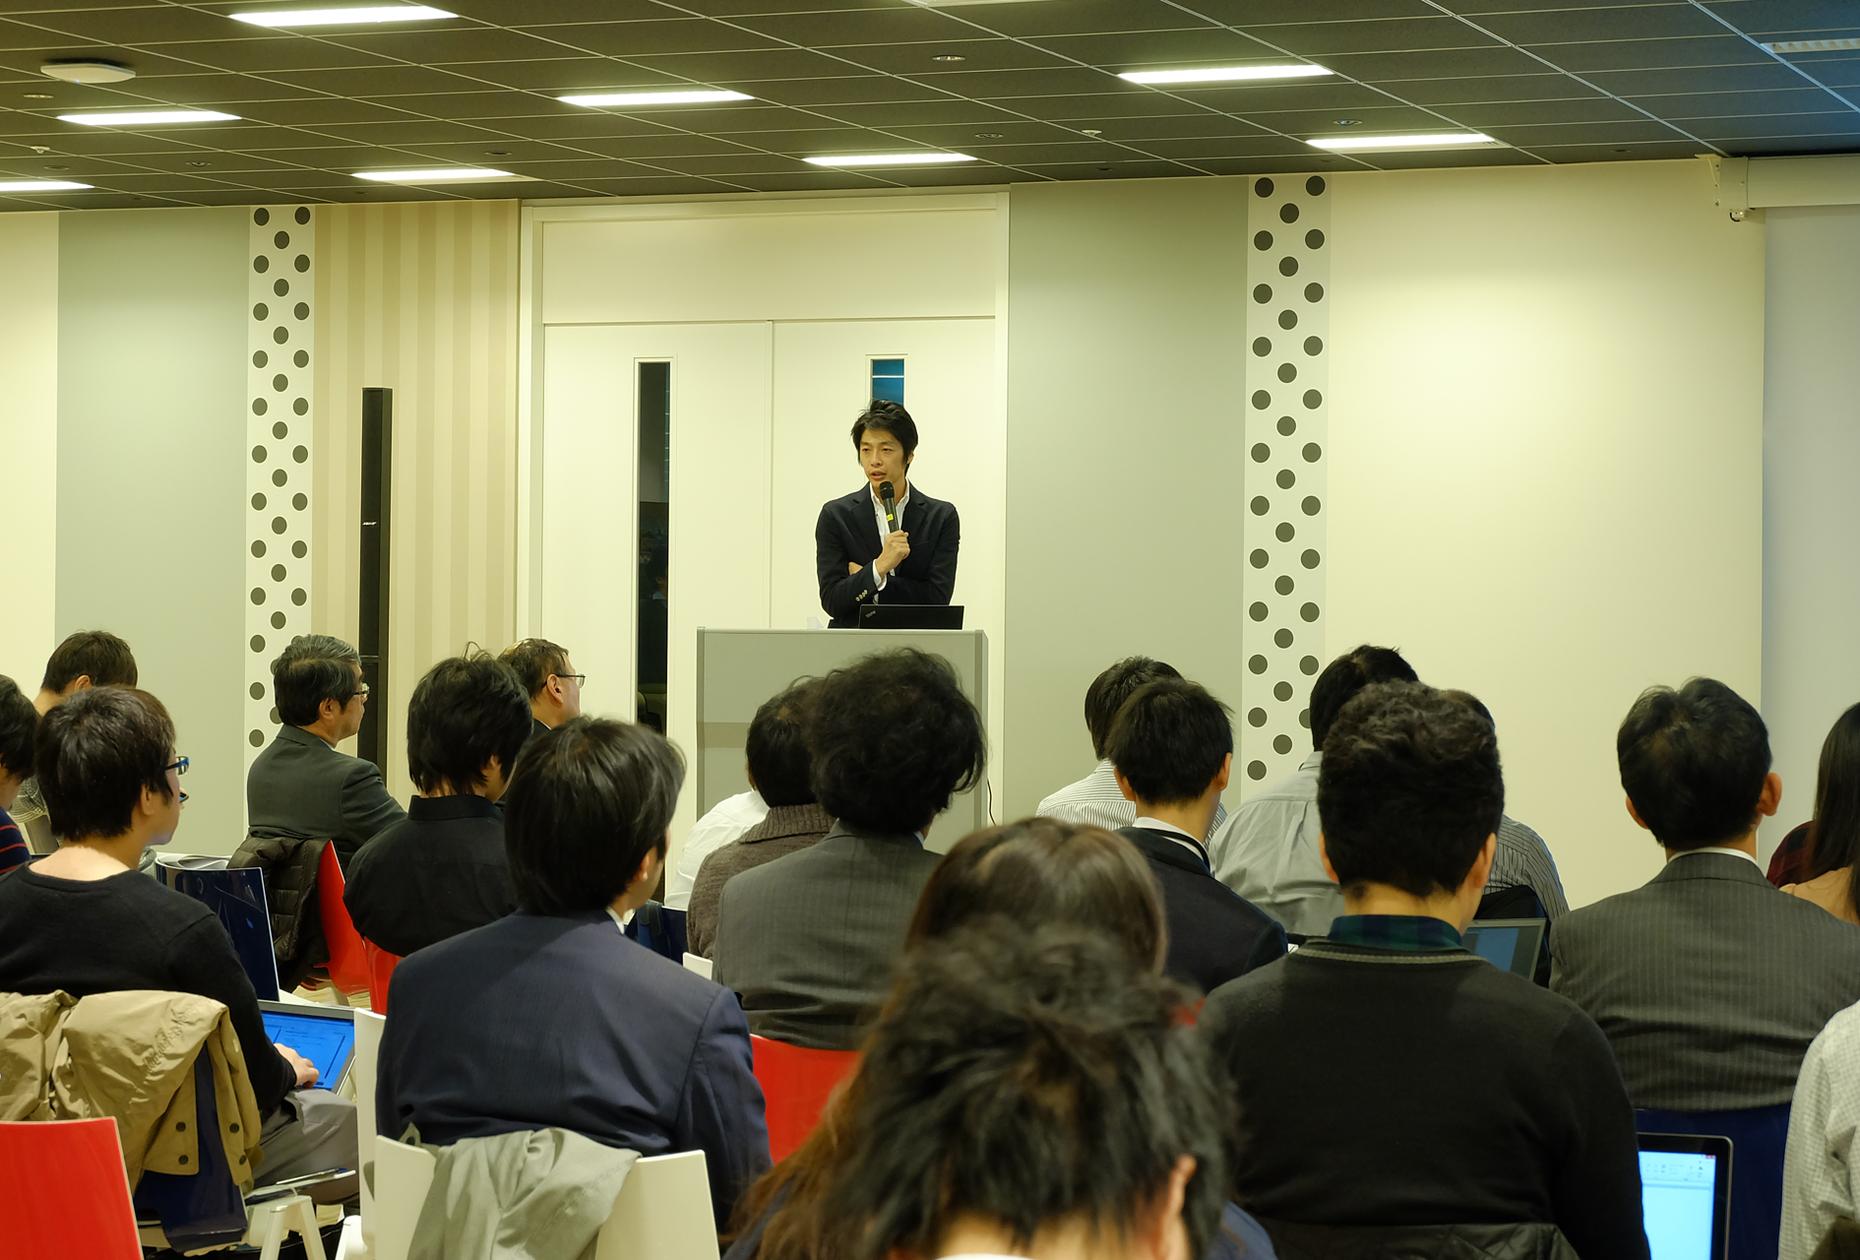 フロムスクラッチ 請井氏が語る「破壊的イノベーションを実現するエンジニアチーム」の特徴《新卒エンジニア育成カイギ その3》